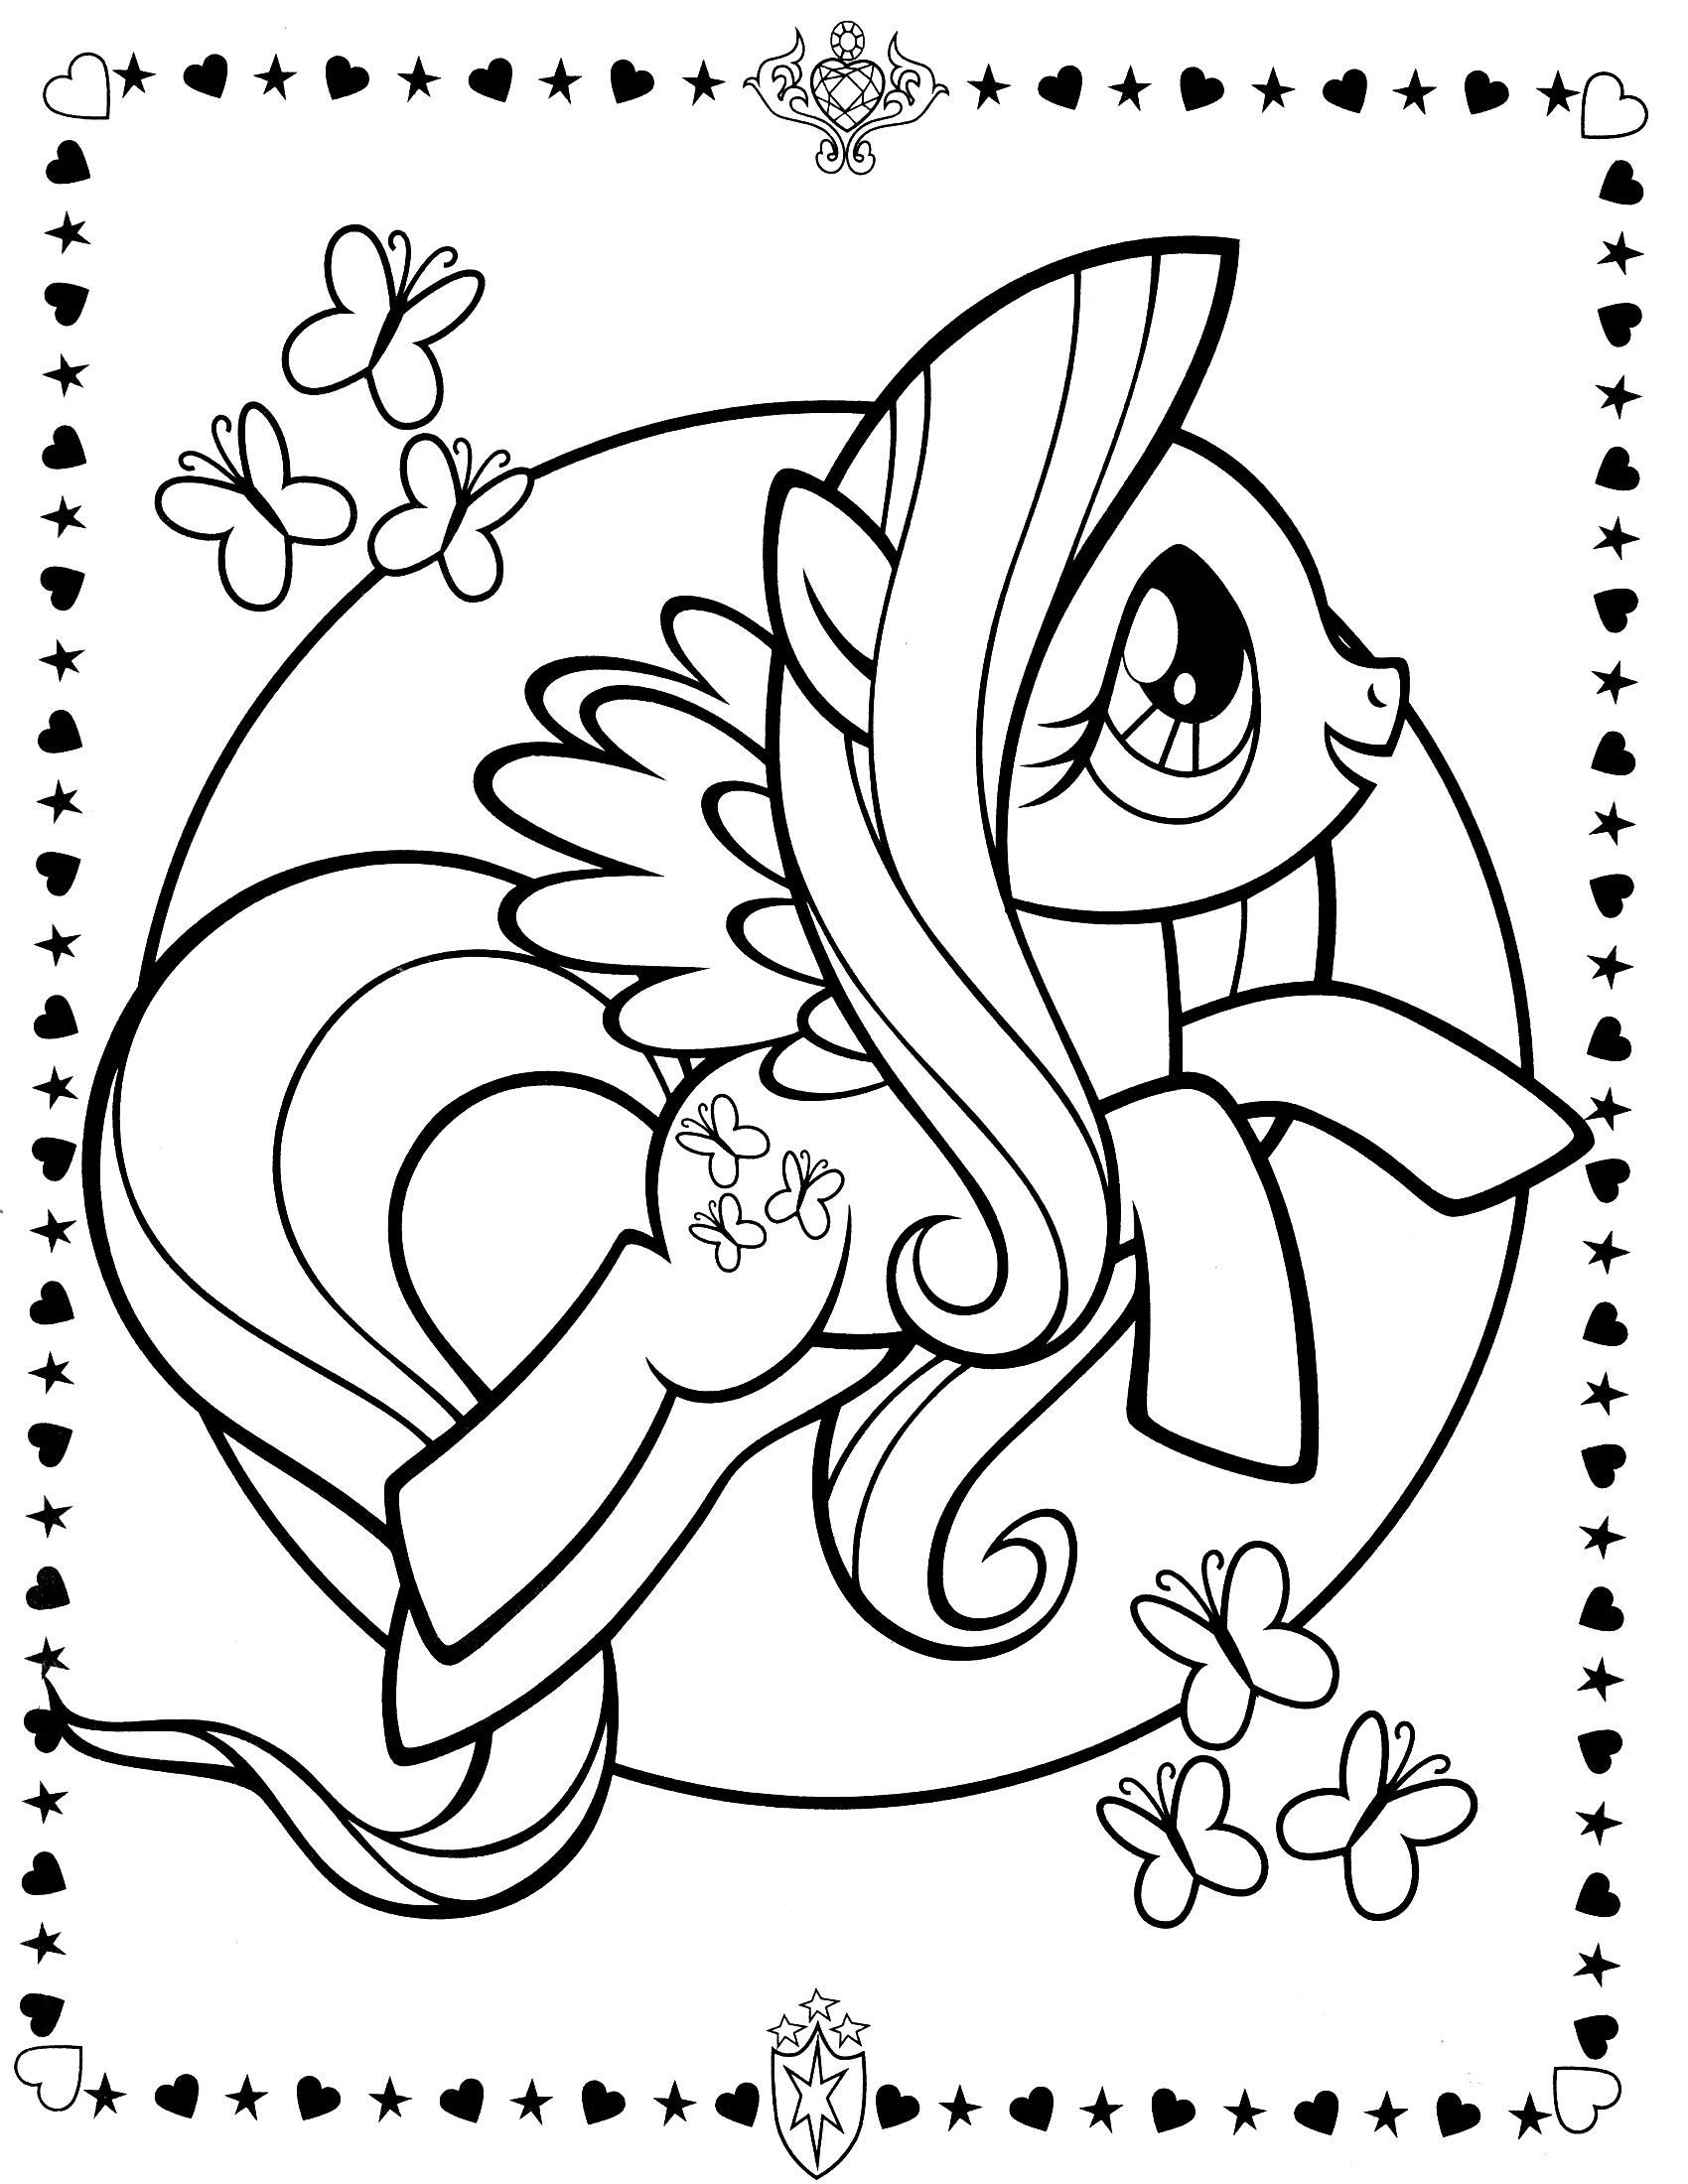 Пони в бабочку Раскраски с цветами распечатать бесплатно